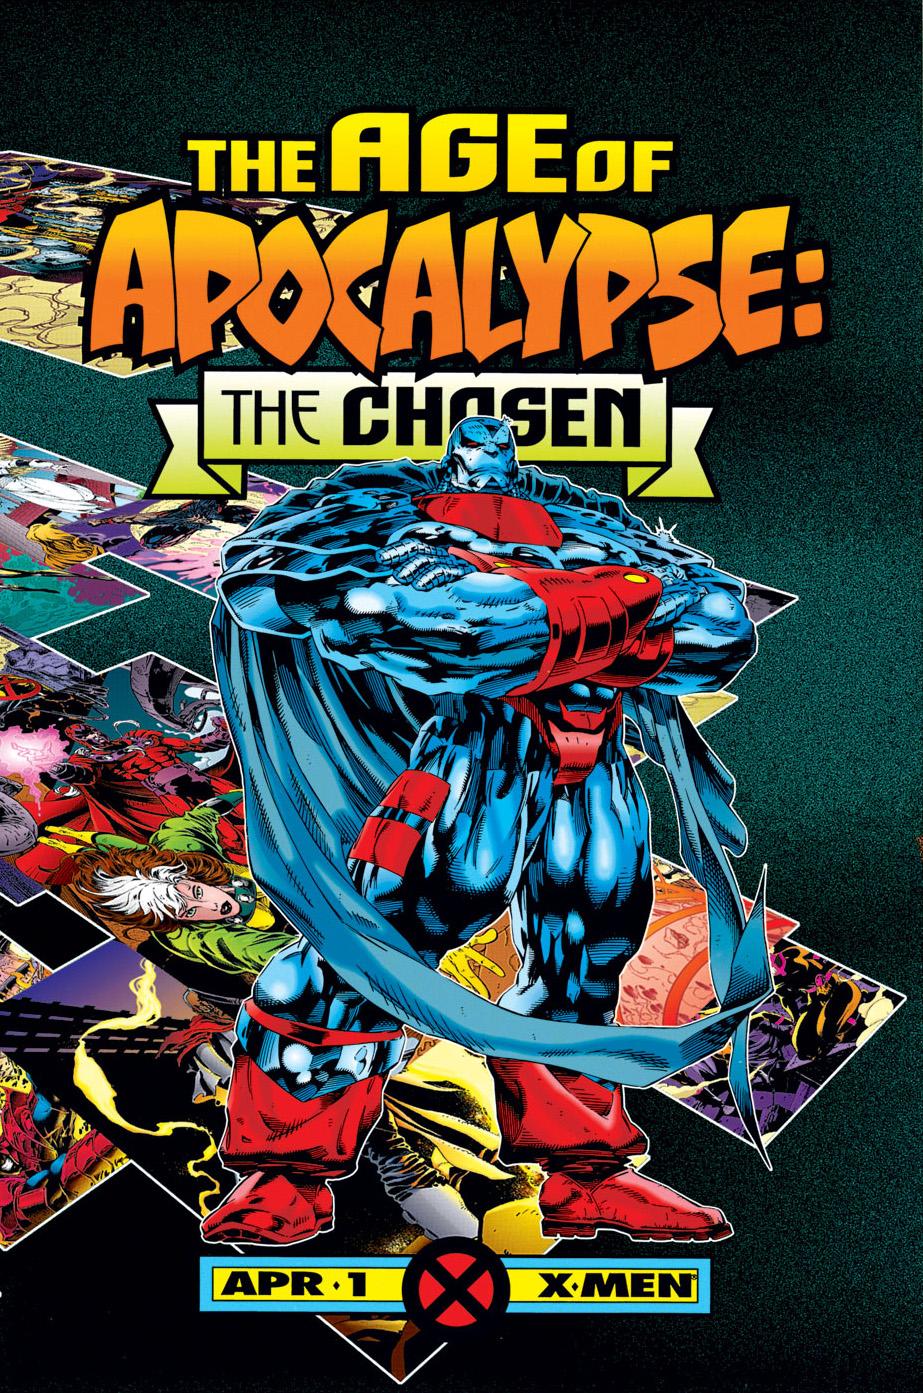 Age of Apocalypse: The Chosen (1995) #1